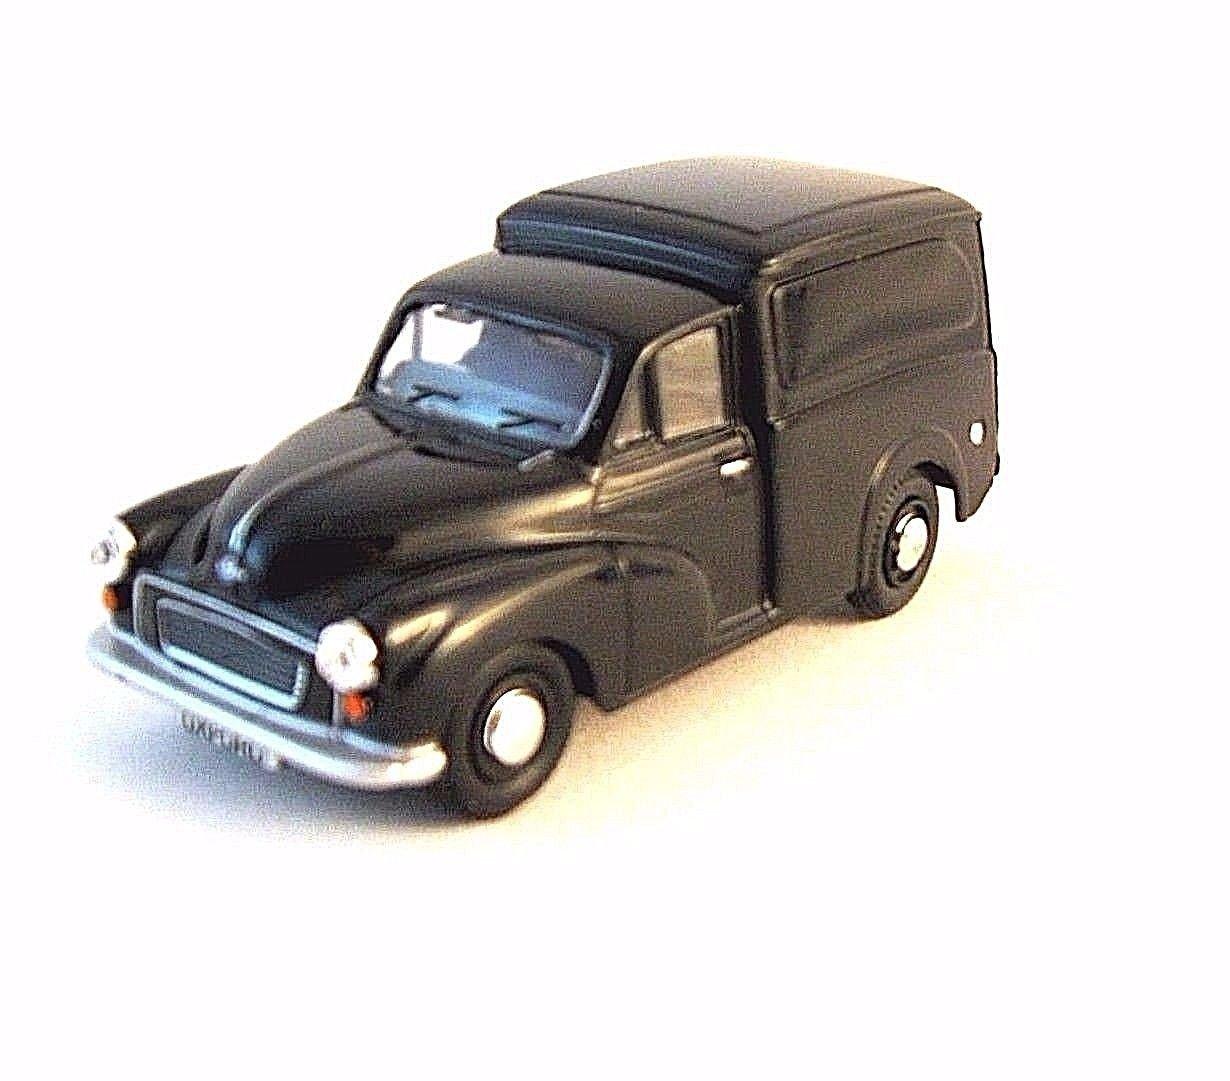 MORRIS MINOR VAN 1970 OXFORD MODELS 1/43 DIECAST CAR COLLECTOR'S MODEL ,RARE,NEW